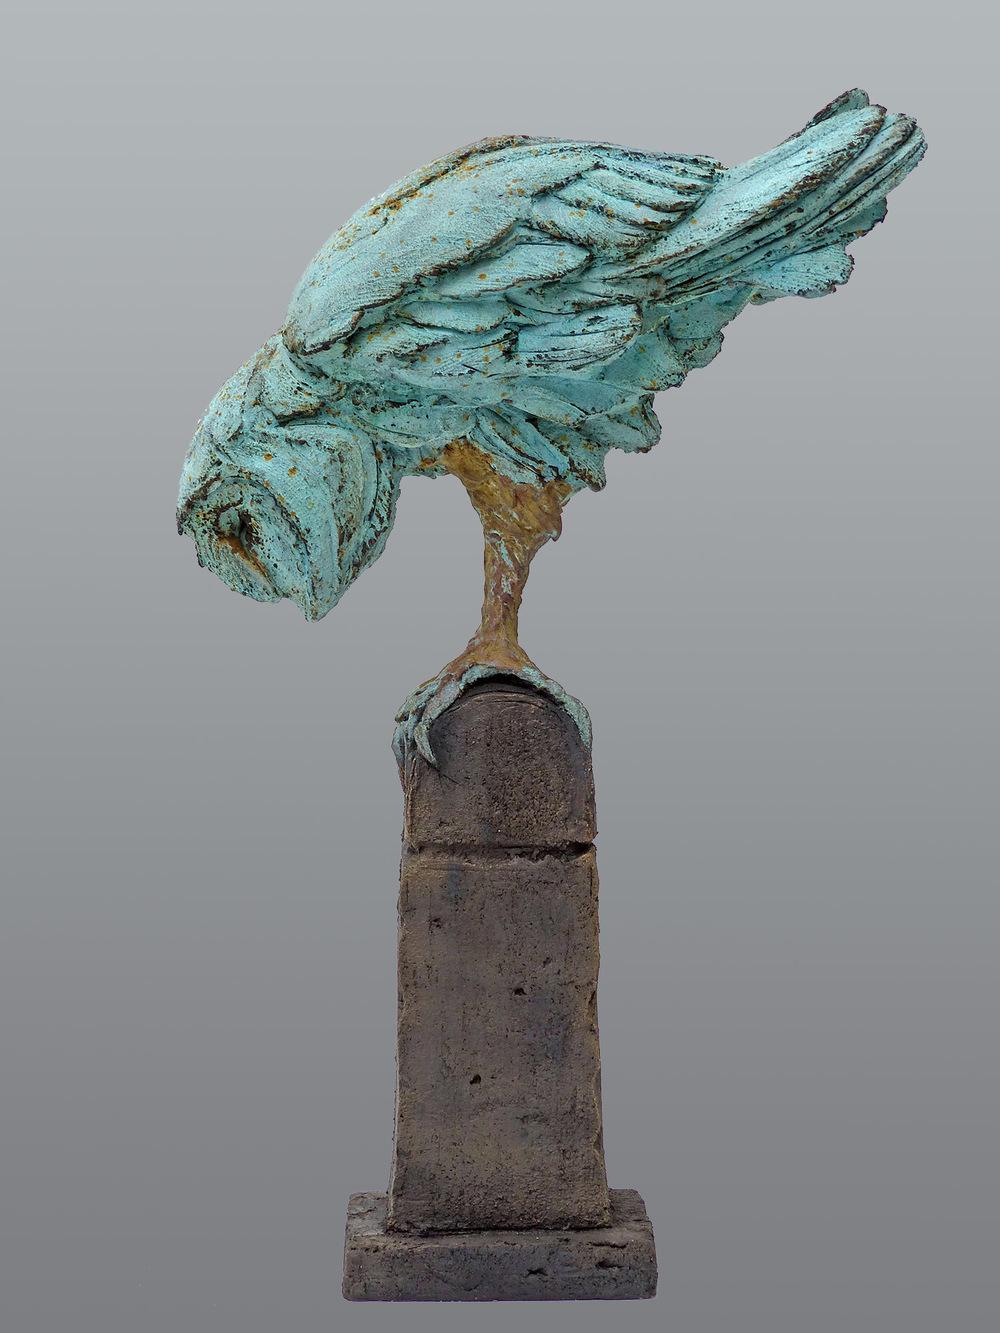 Moon Owl ll  ©  45 cm high x 28 cm wide  Unique